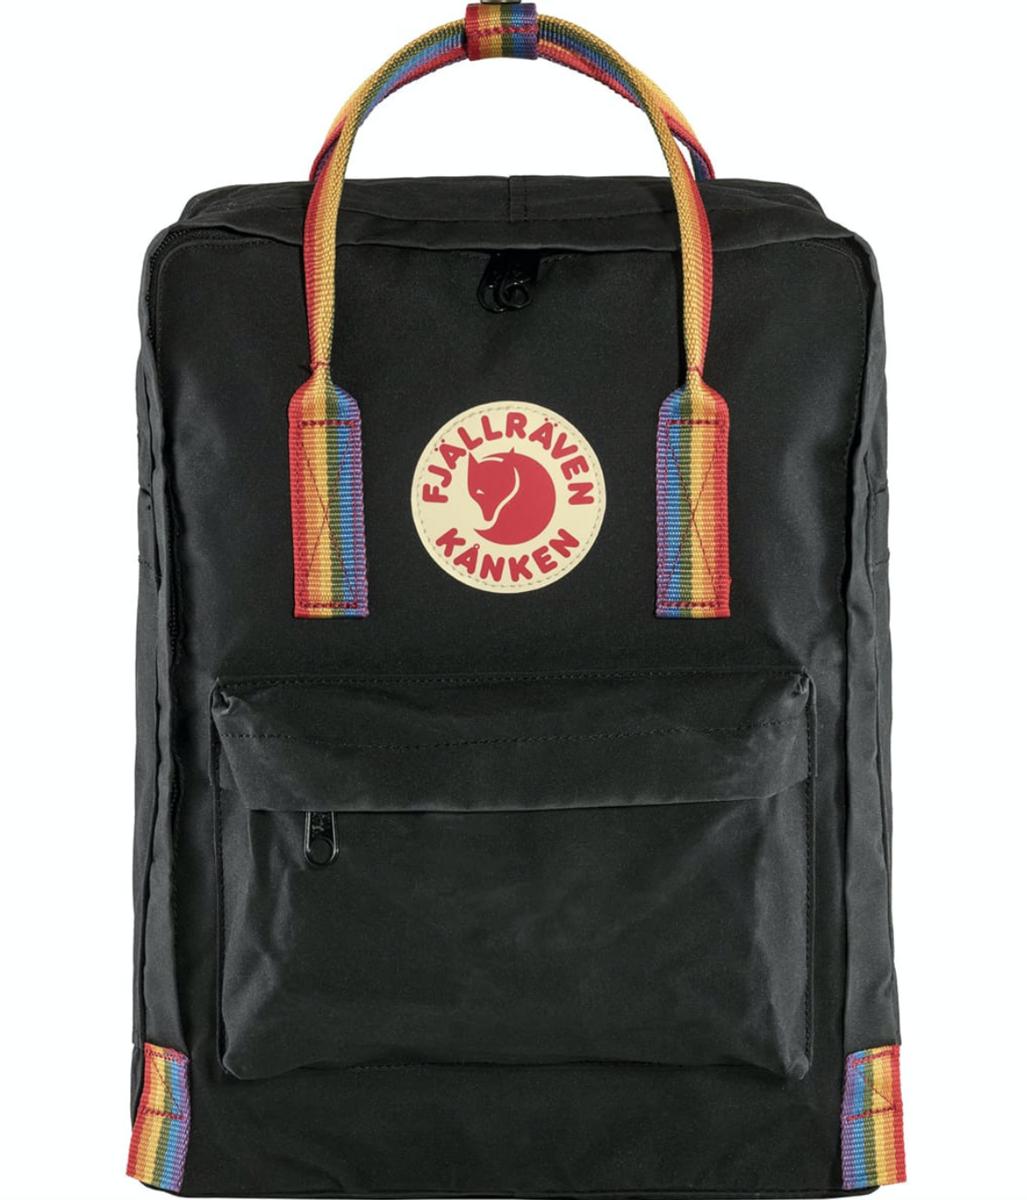 Bilde av Fjällräven  Kånken Rainbow 550-907 Black-Rainbow Pattern